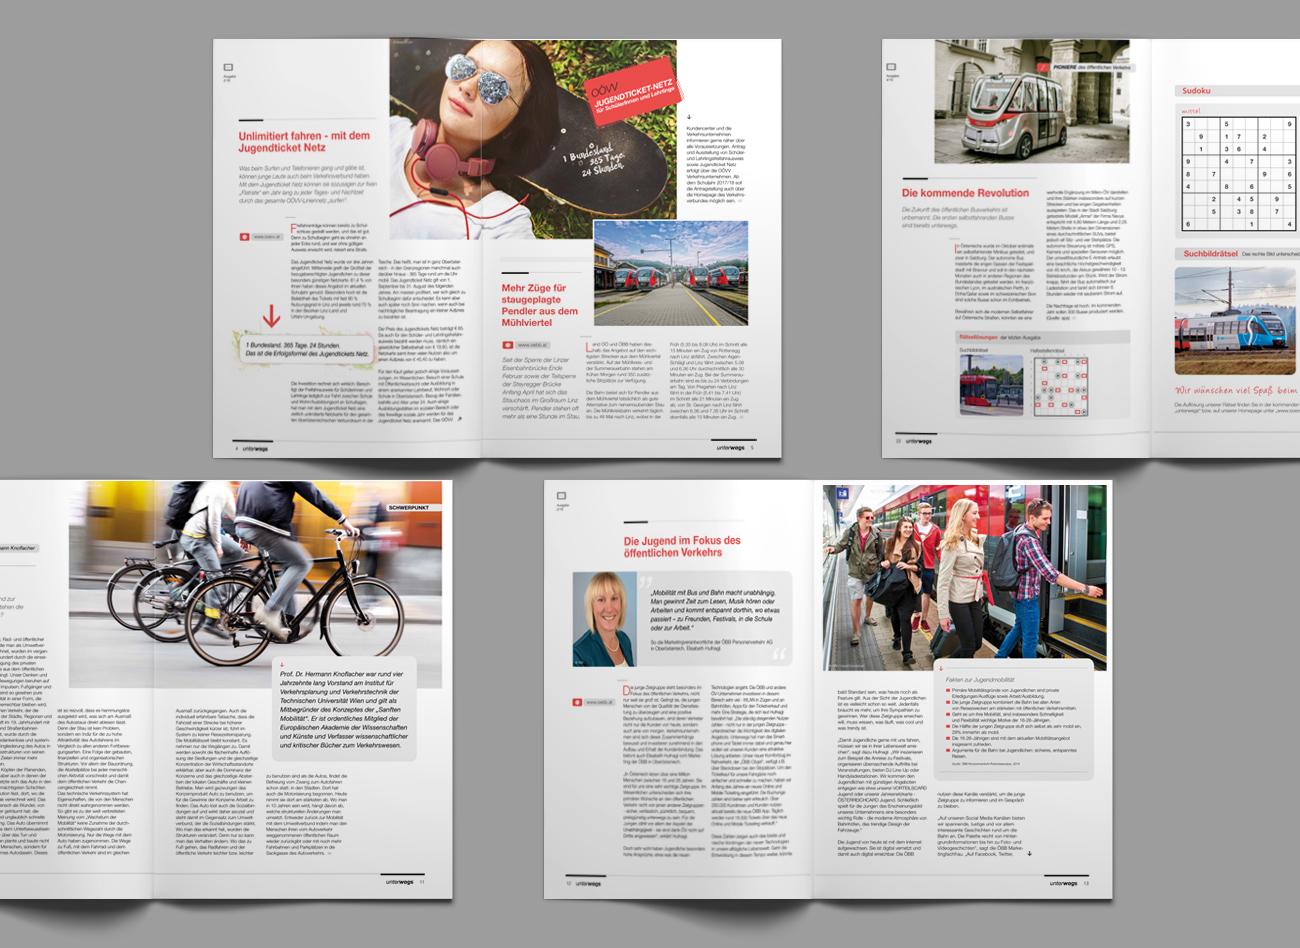 Innenseiten des Magazins UNTERWEGS vom OÖ Verkehrsverbund;